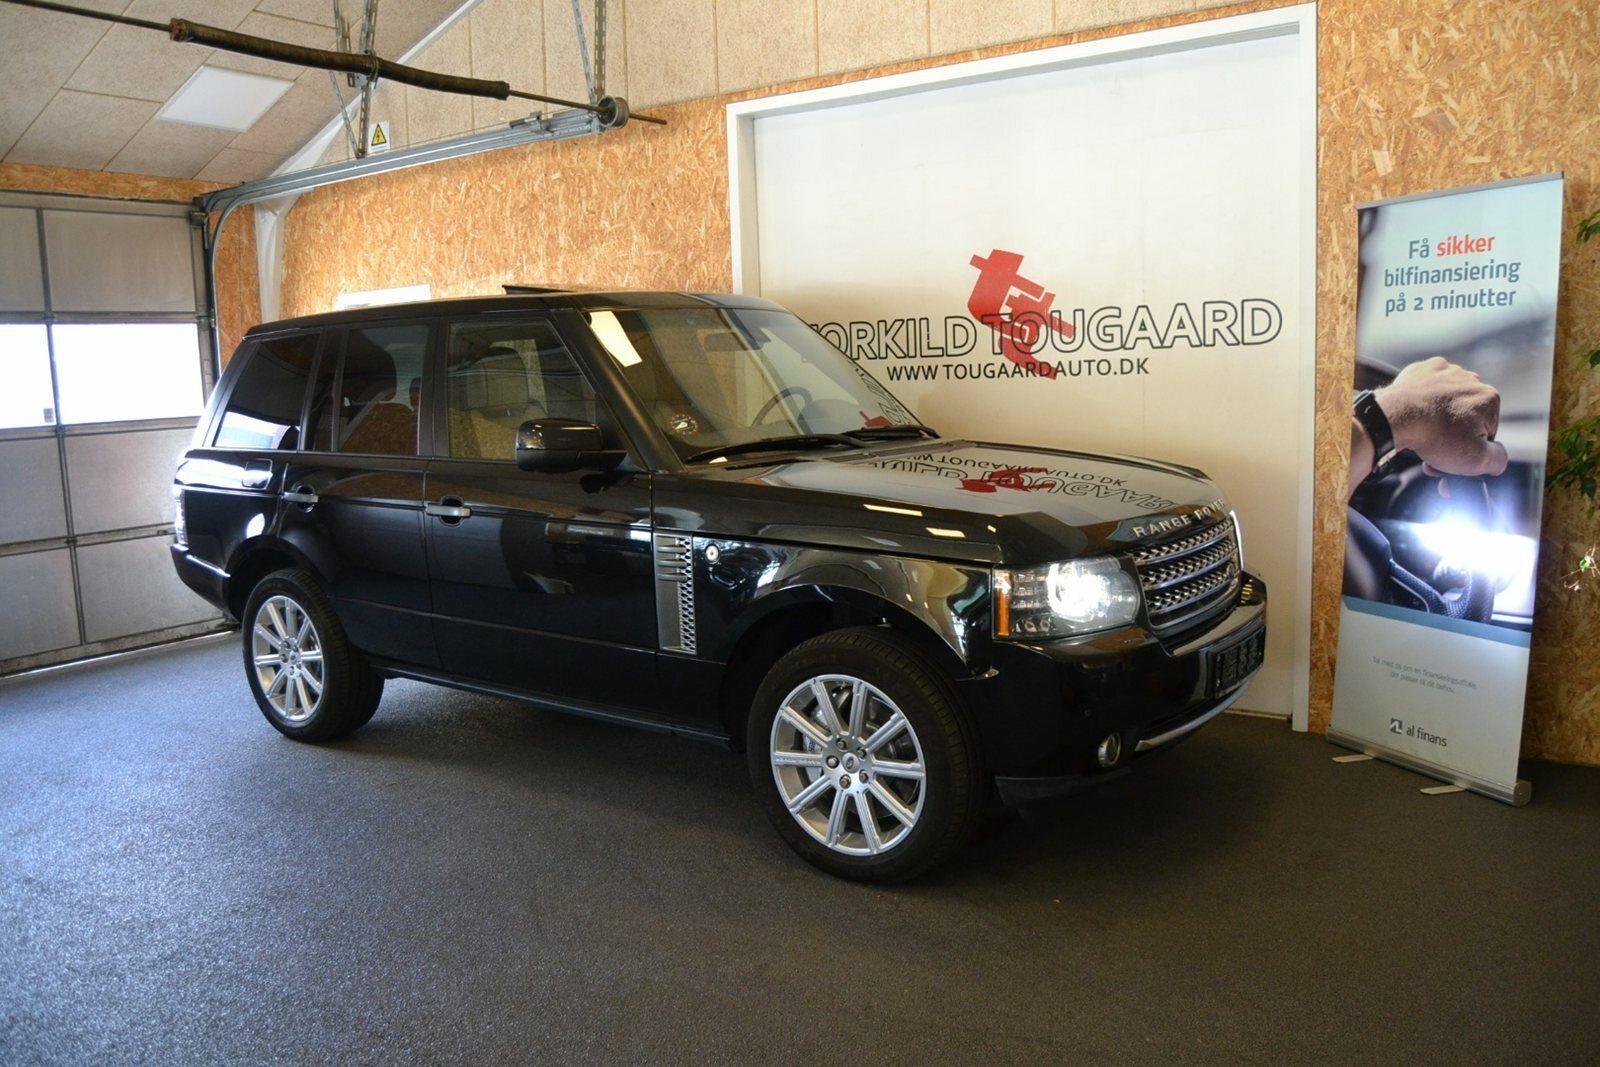 Land Rover Range Rover 4,4 TDV8 Vogue aut. 5d - 439.800 kr.